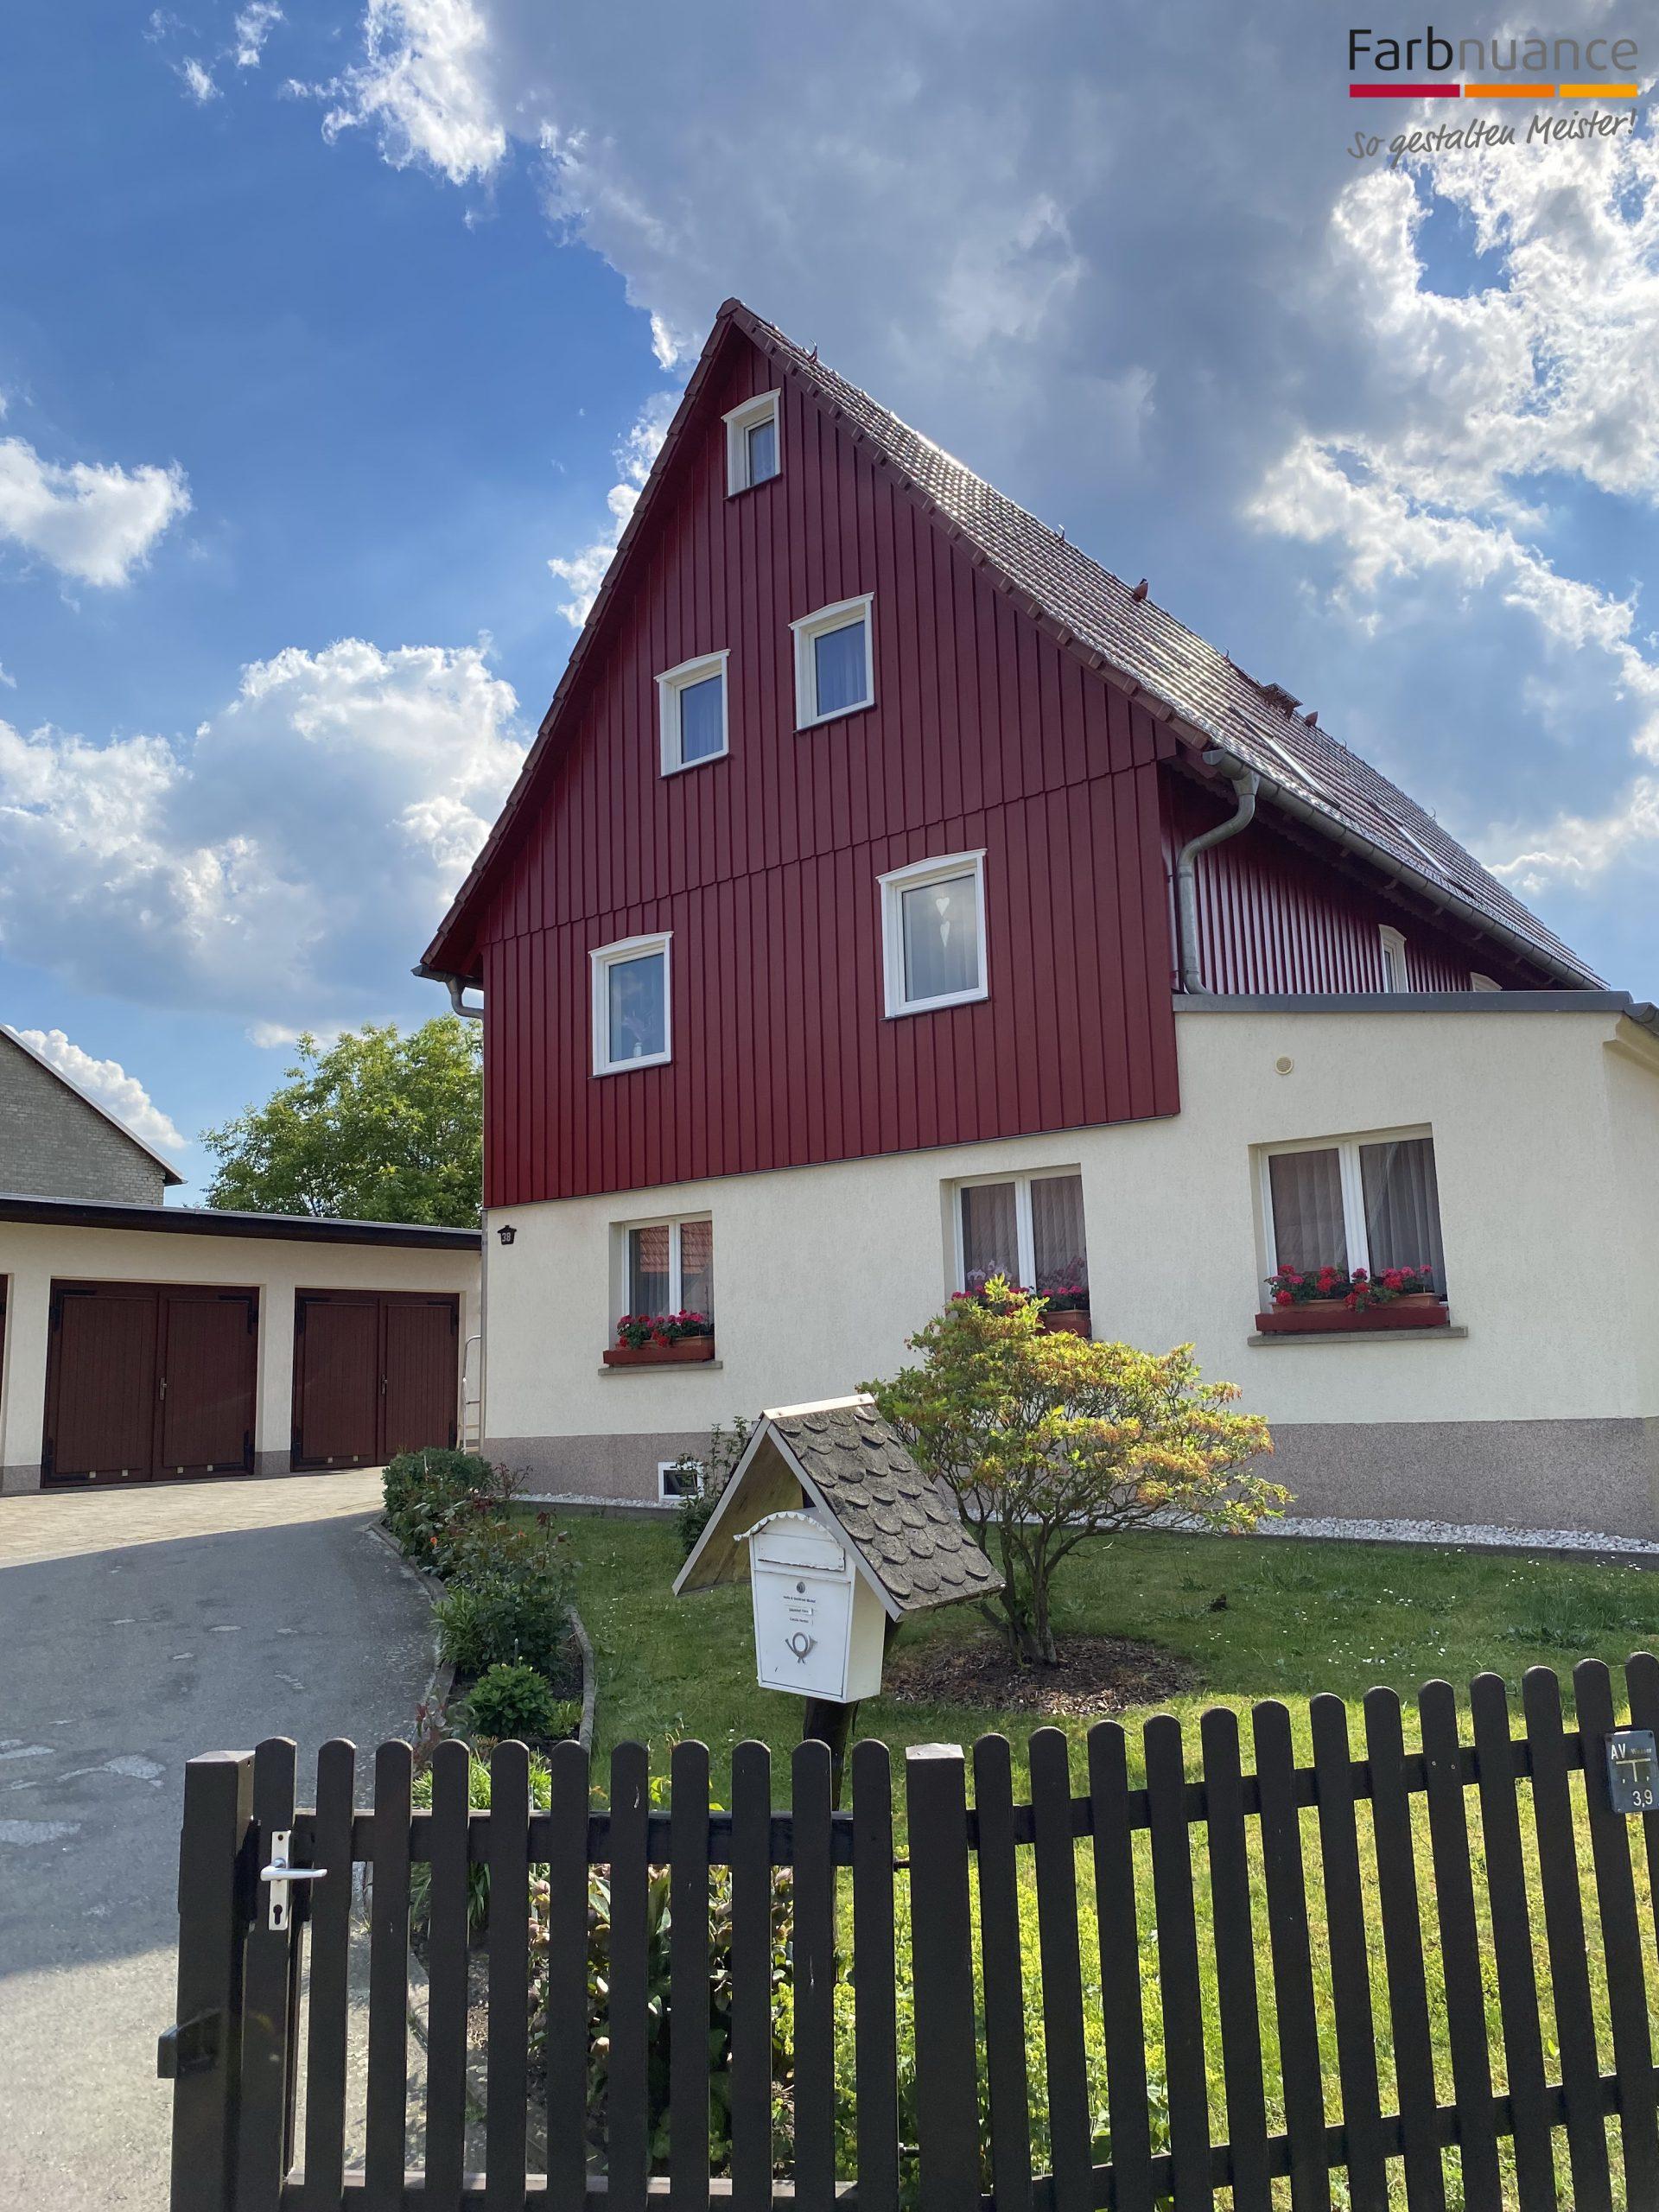 Porschdorf,Farbnuance, Maler,Malerfirma, Holzanstrich,Fassade,Gerüst (3)